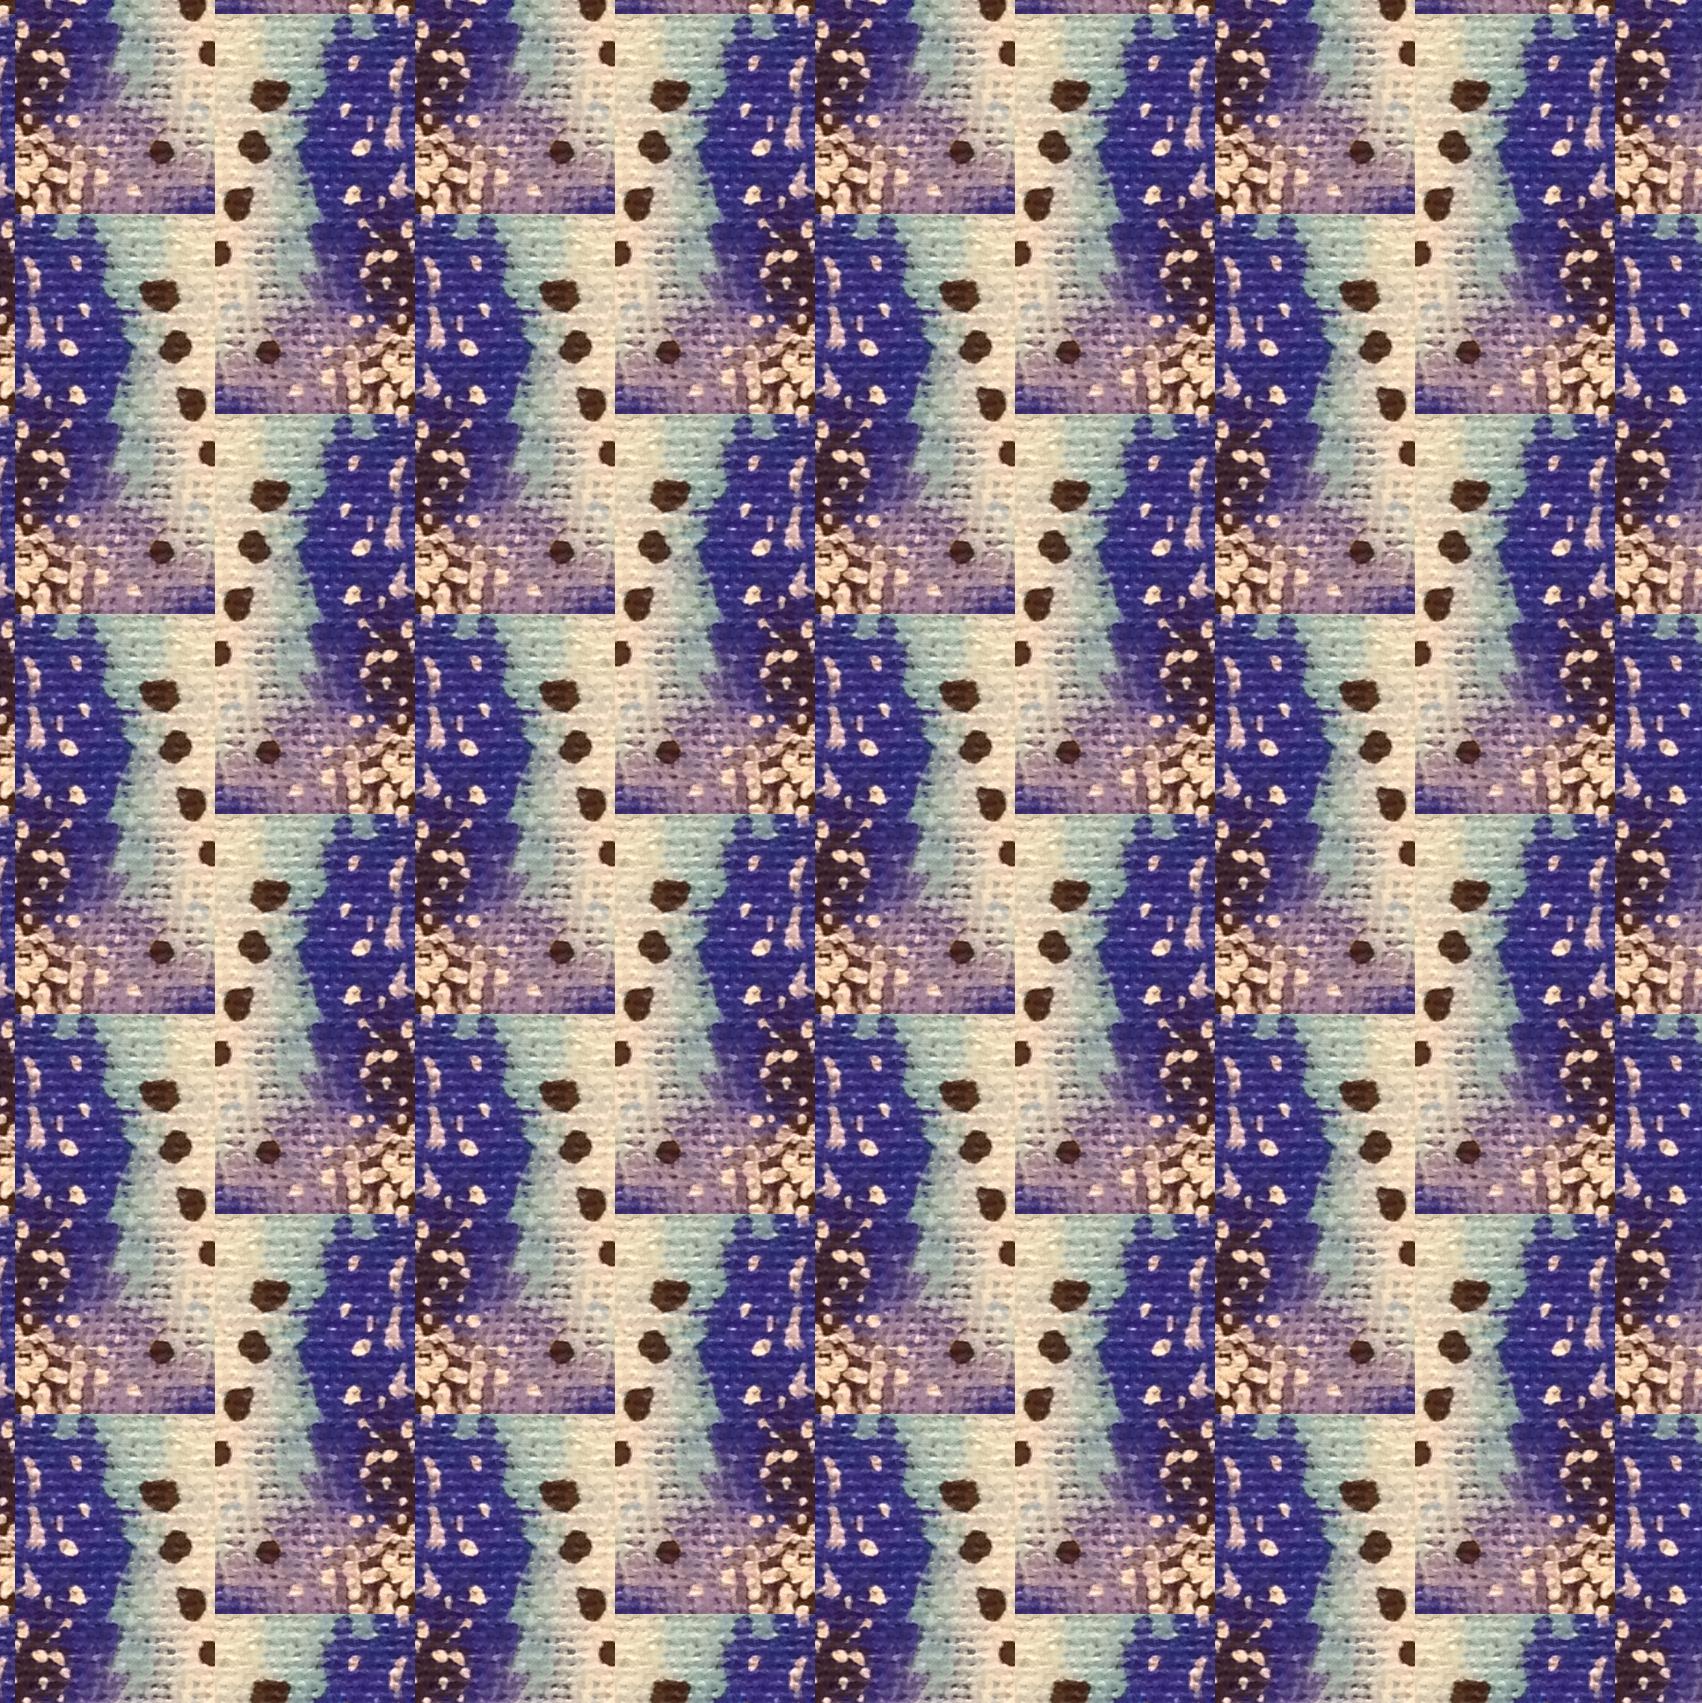 Fabric design _8873_5i